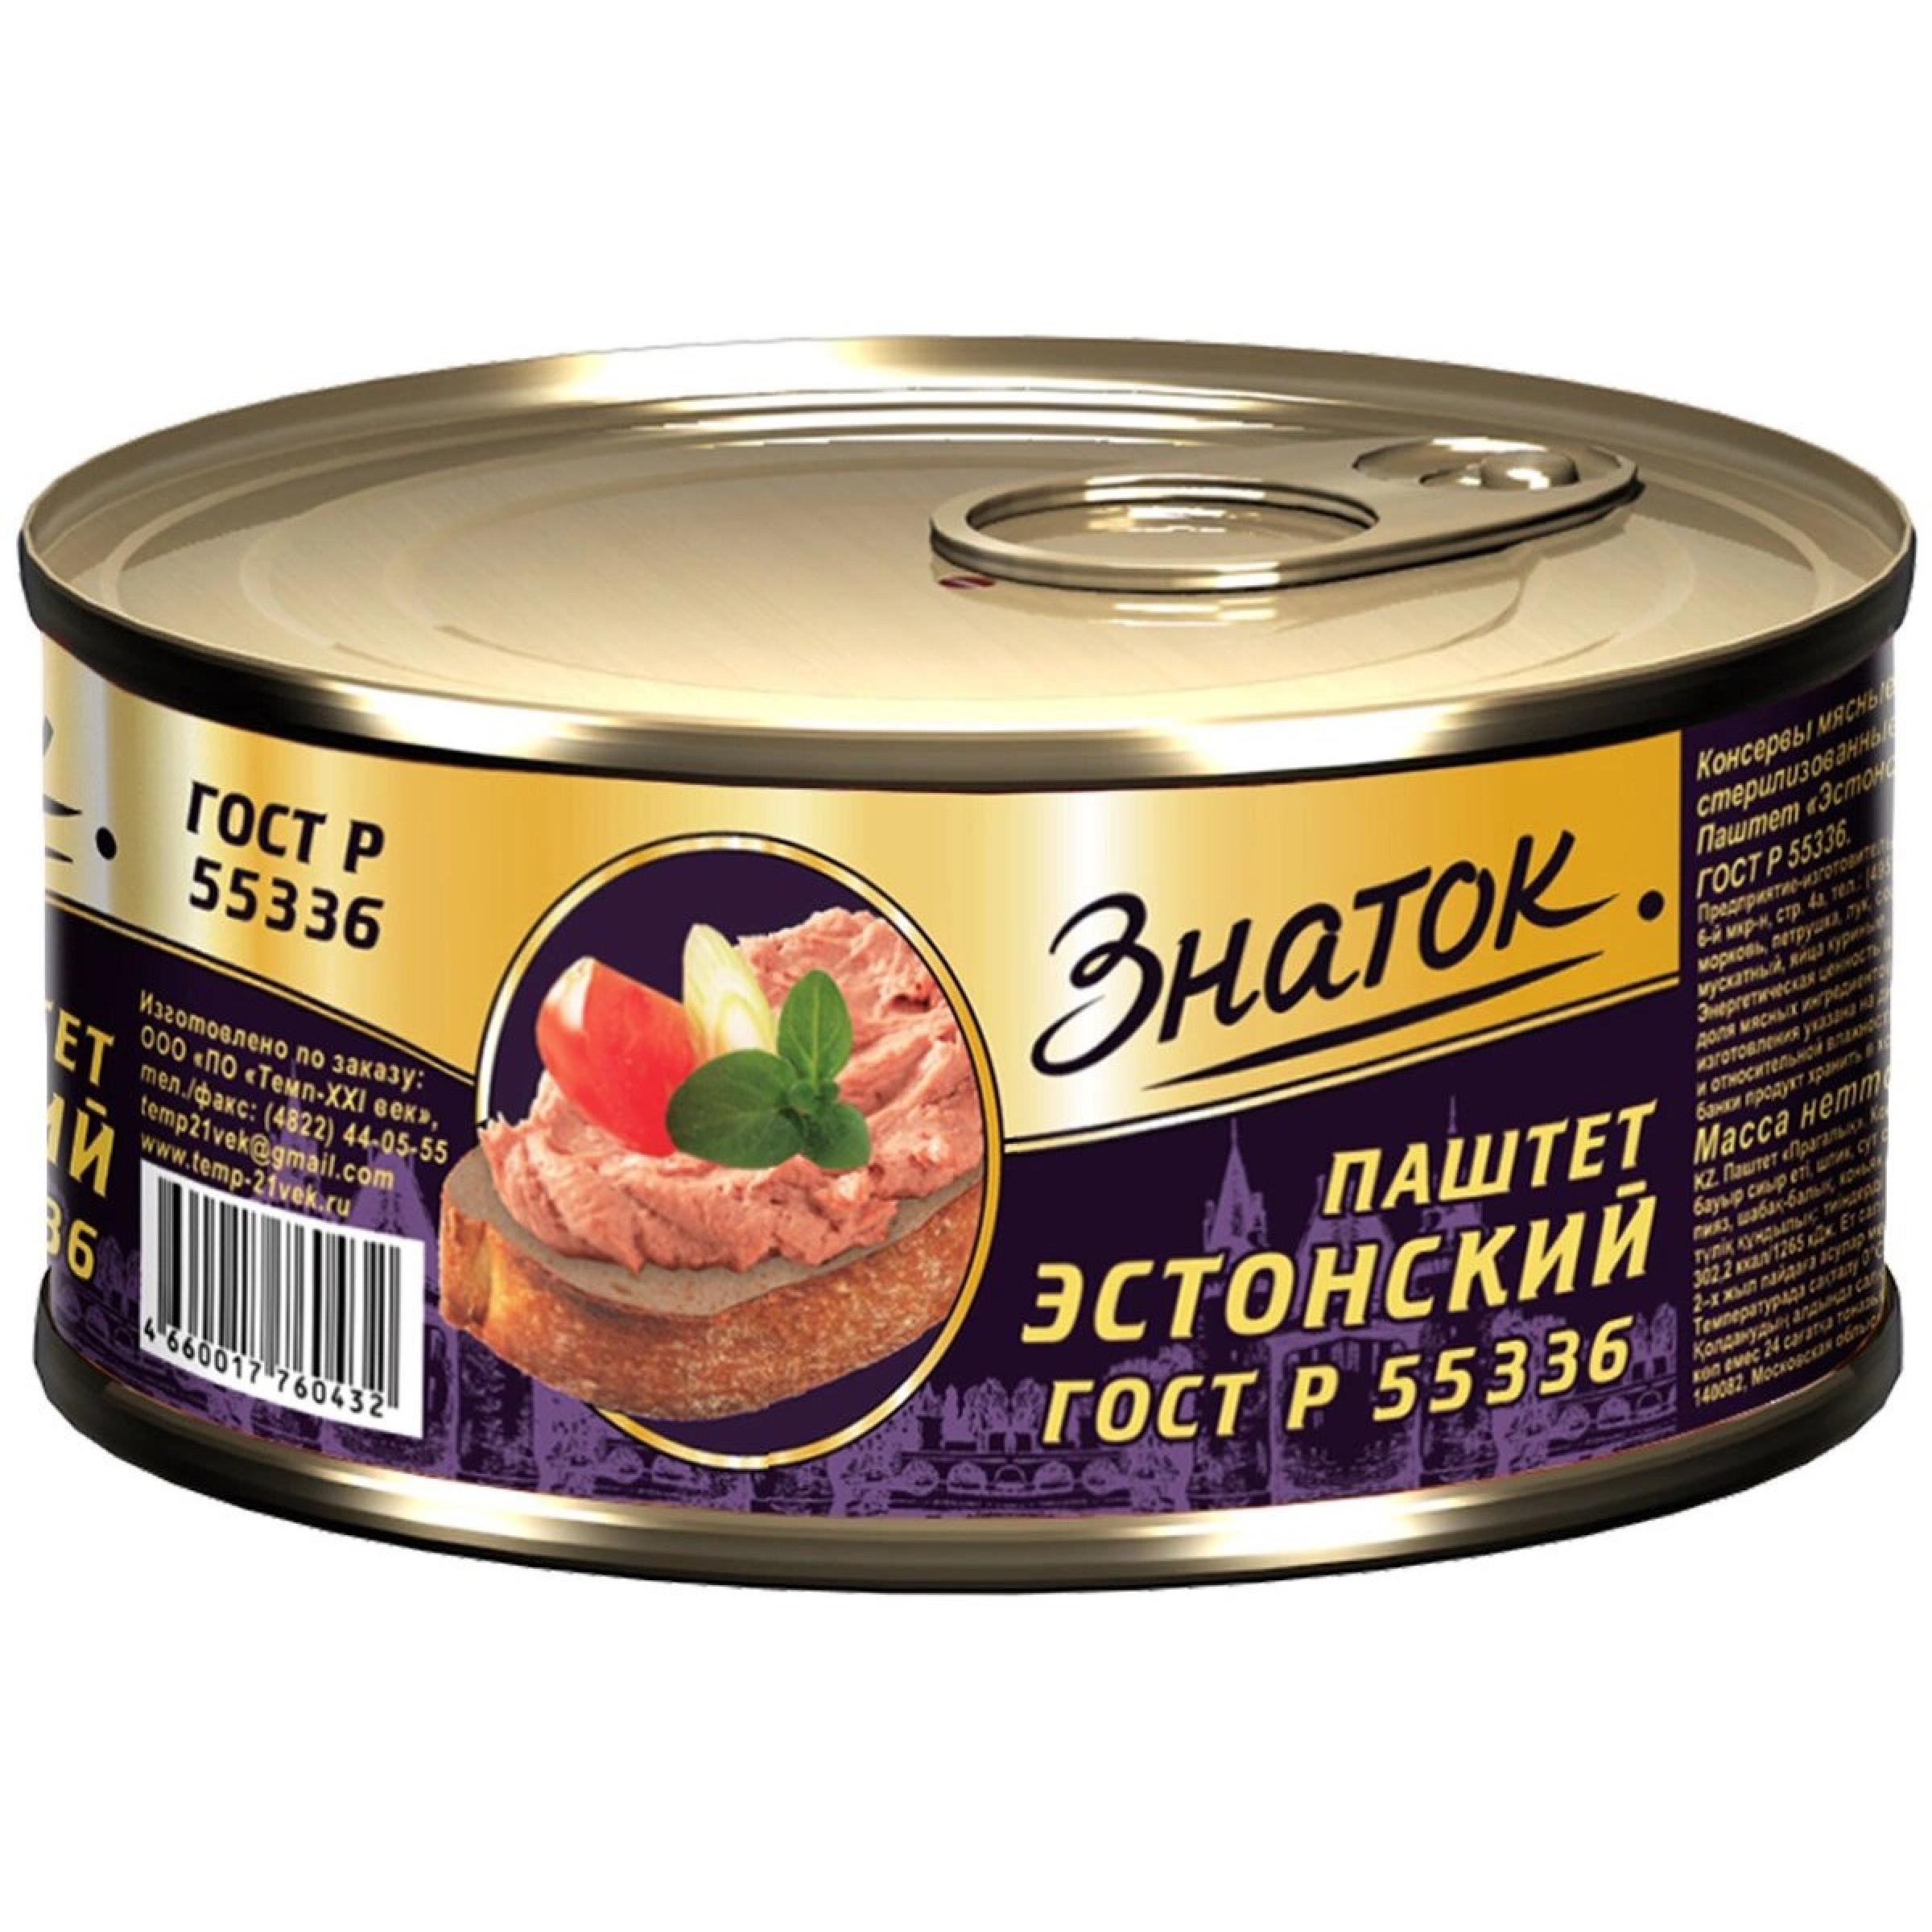 Паштет Эстонский ГОСТ Знаток, 230 гр